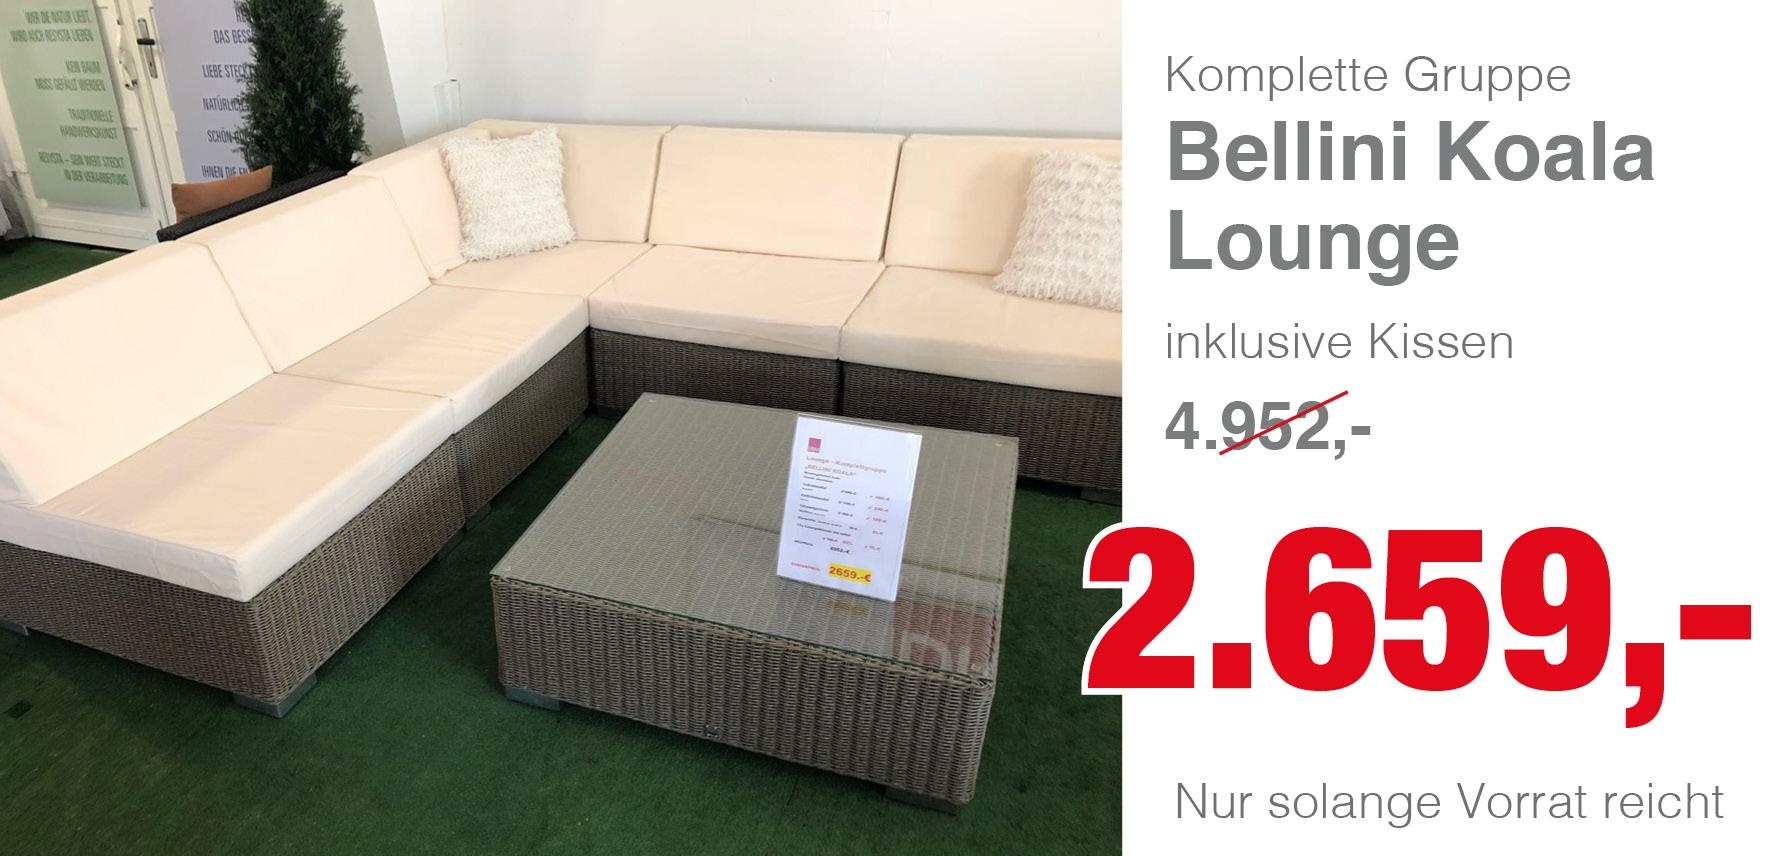 Bellini Lounge, koala